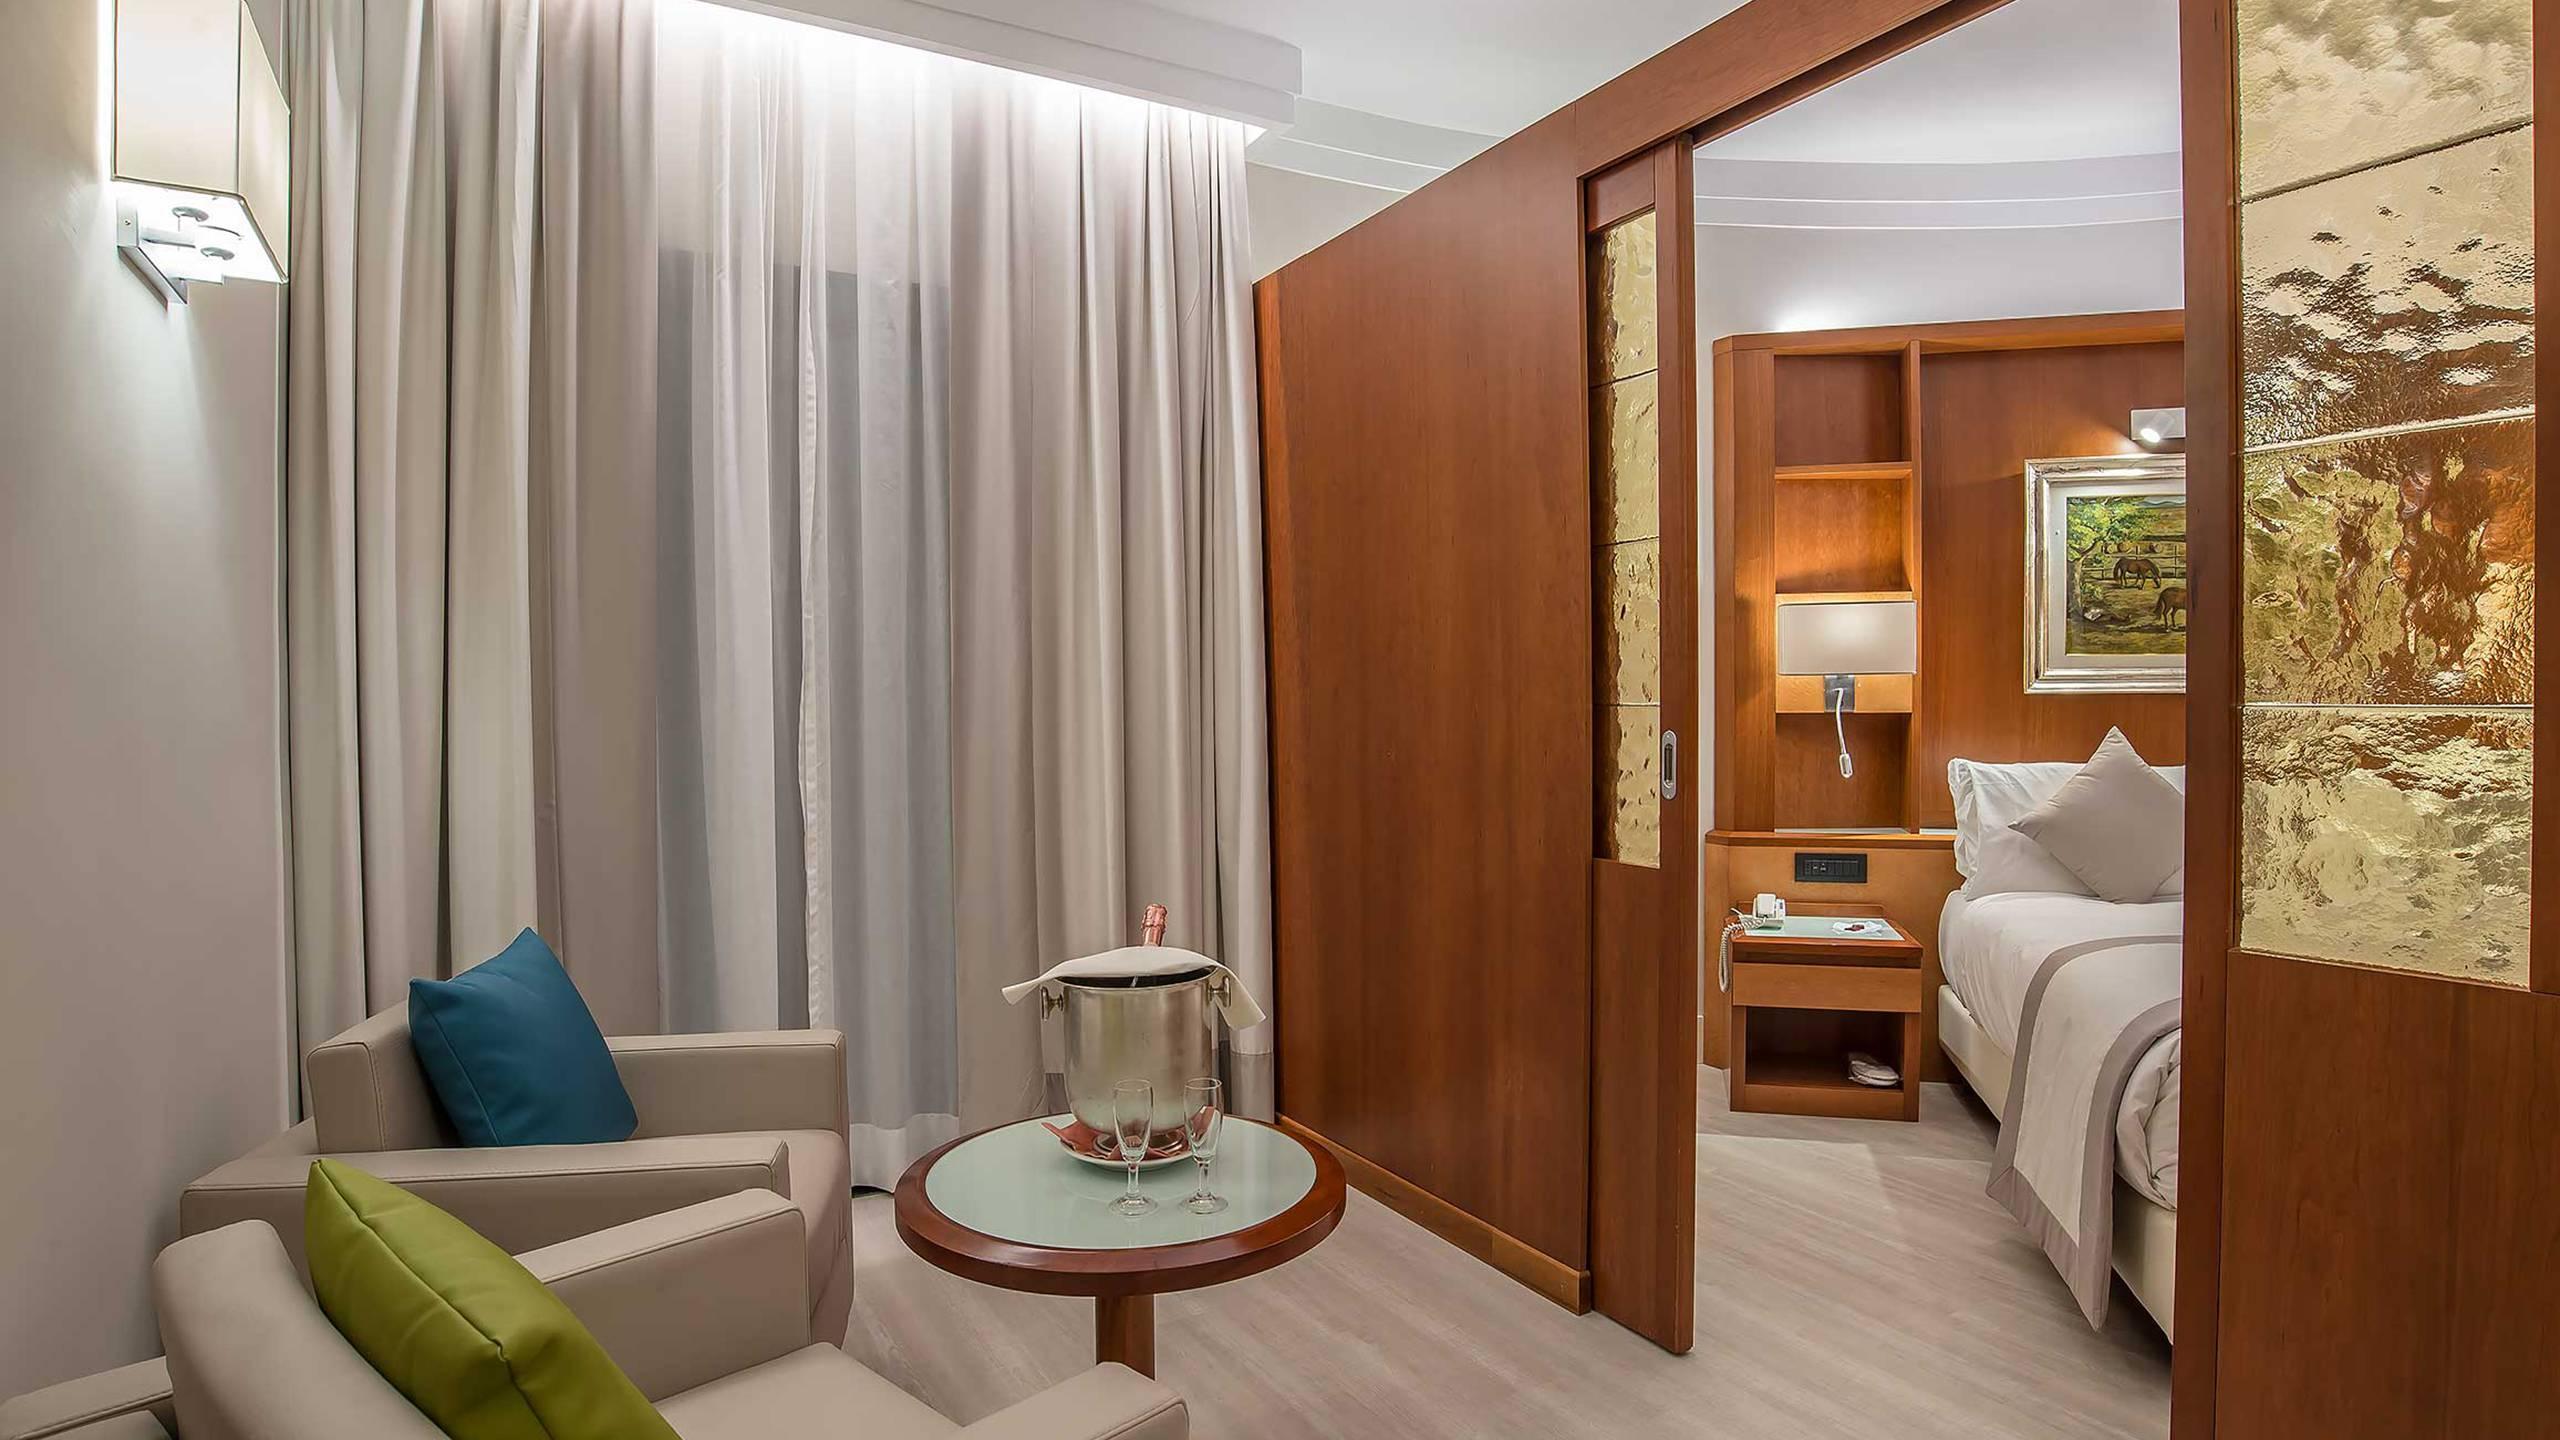 DSC-9043--New-Hotel-LaGiocca-Roma